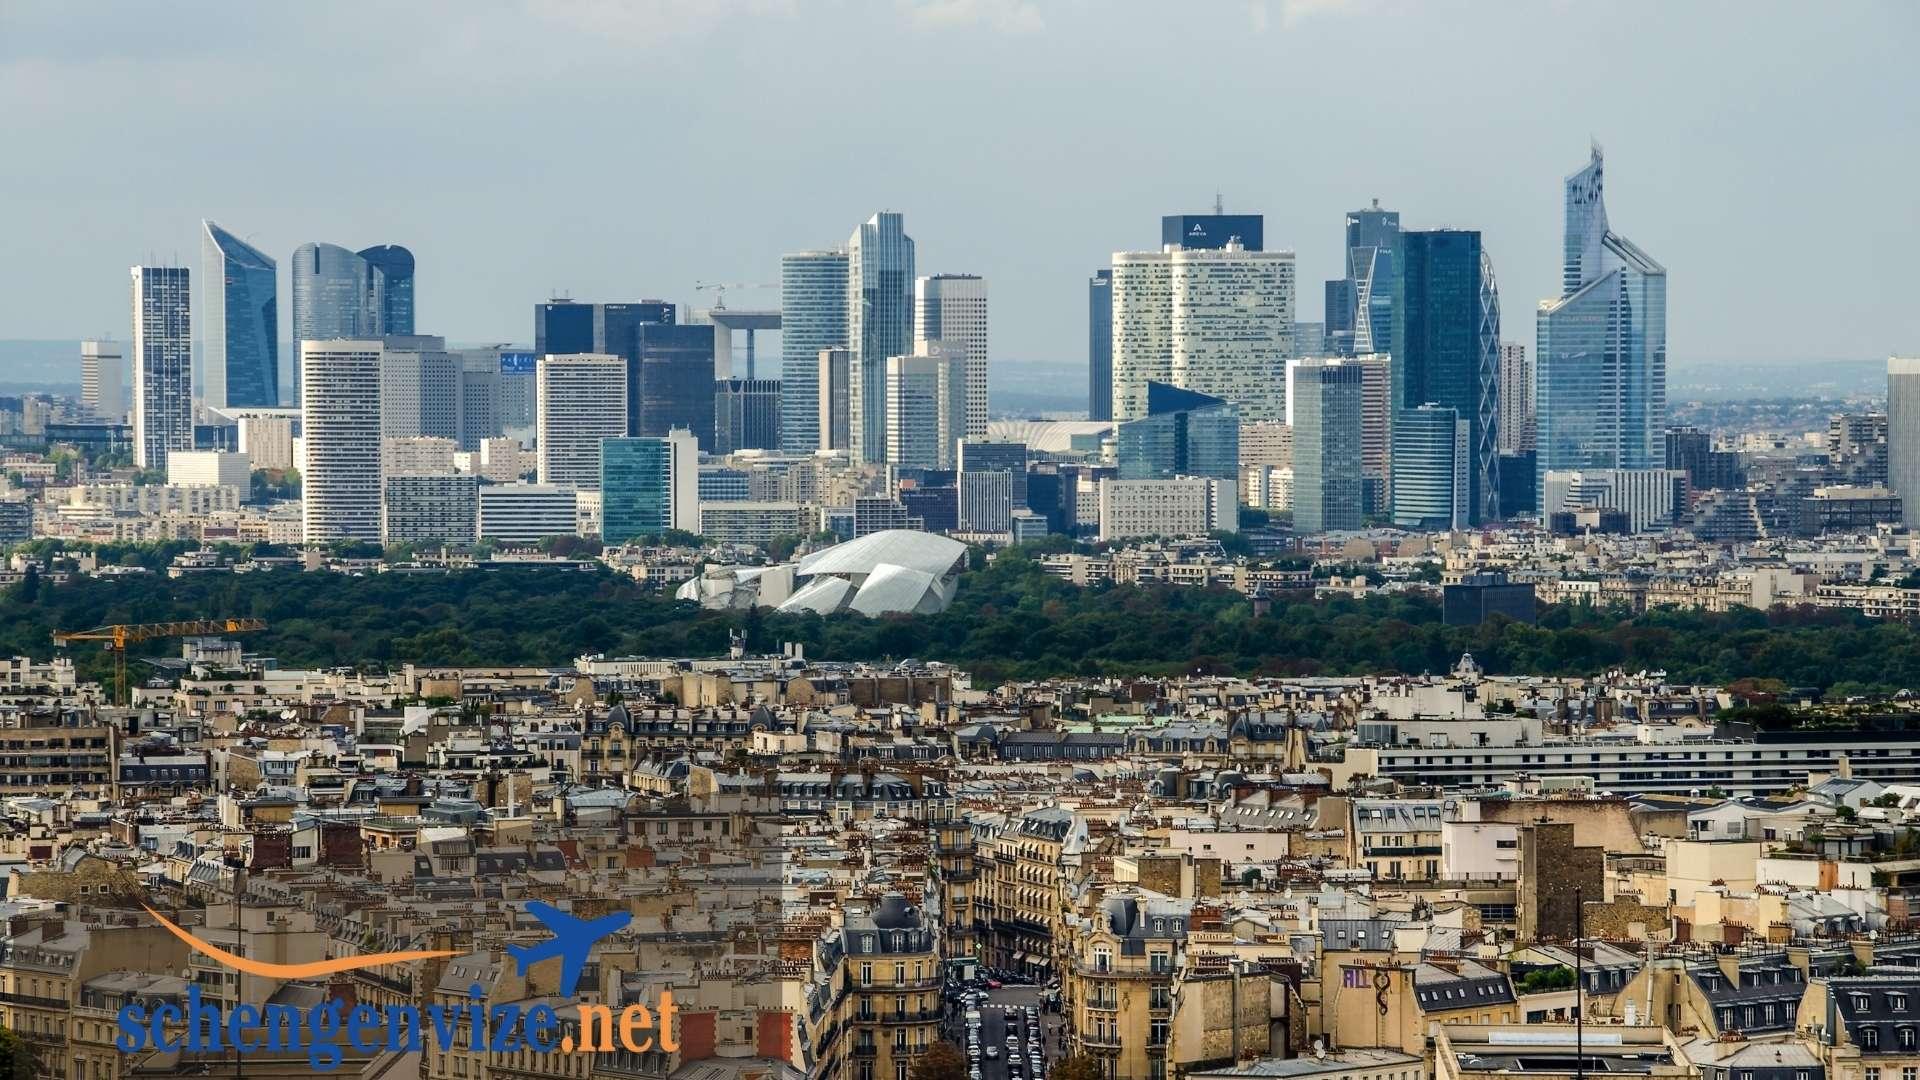 Fransa Vize Ücreti Nereye Yatırılır?